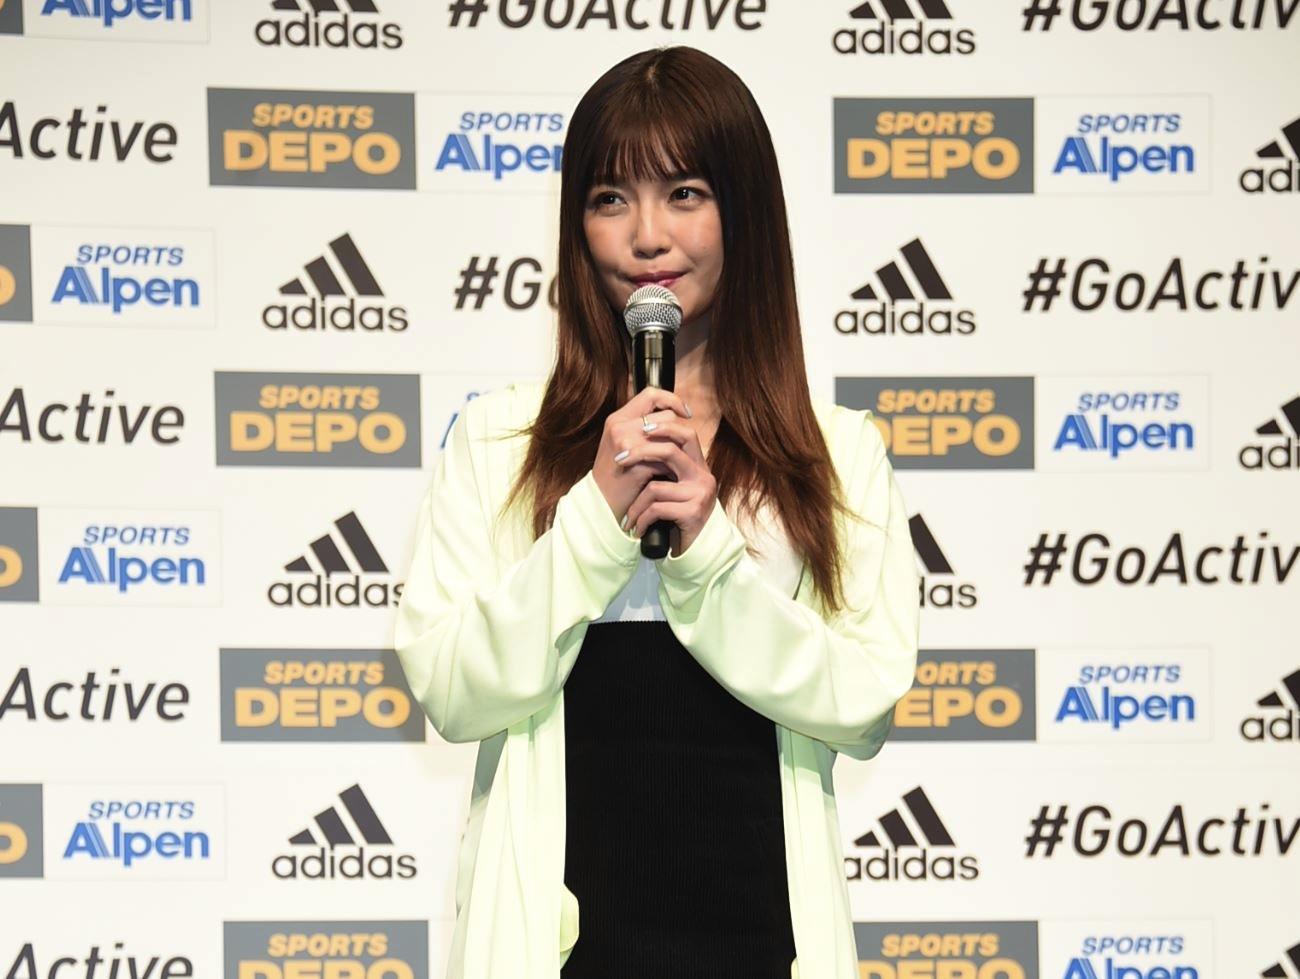 AAA・宇野実彩子/大型スポーツ用品店アルペンと、マルチスポーツブランドのアディダスが共同で企画する「ADIDAS #GoActive キャンペーン」のWEB新CM発表会にて(2019年3月15日)